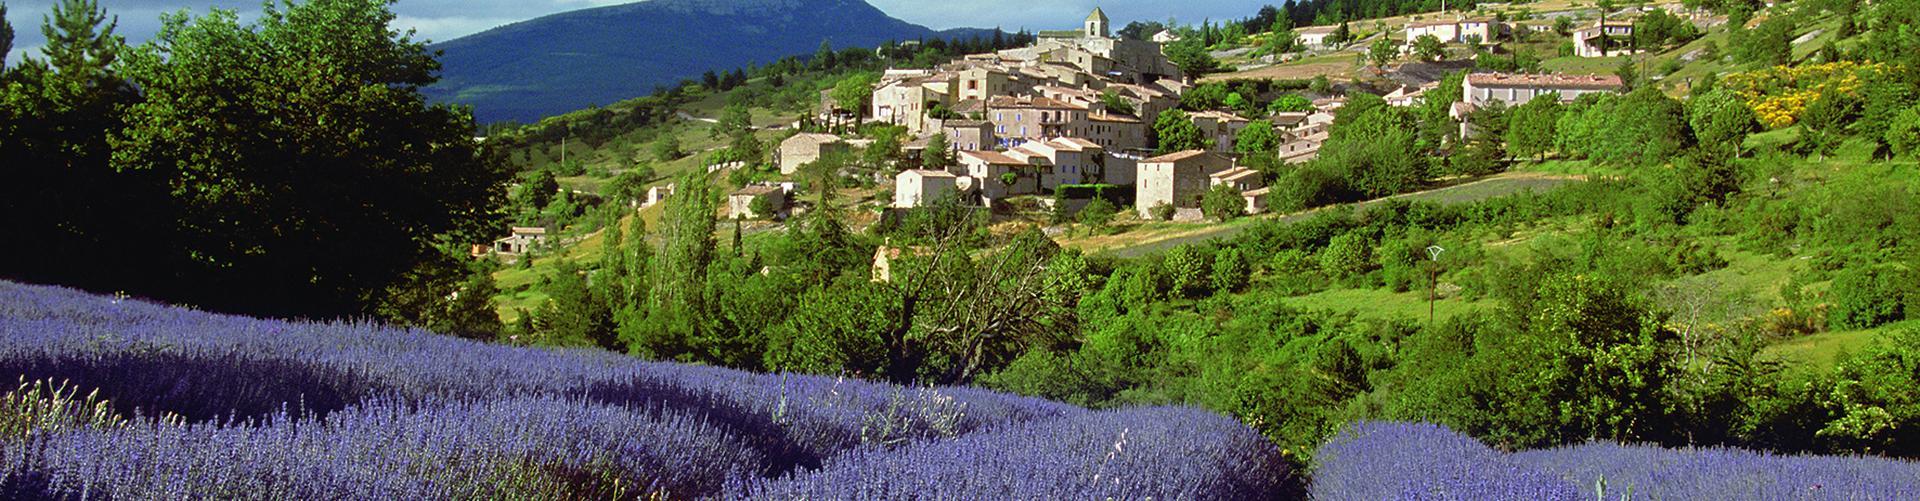 Provence erleben mit A-ROSA Flusskreuzfahrten